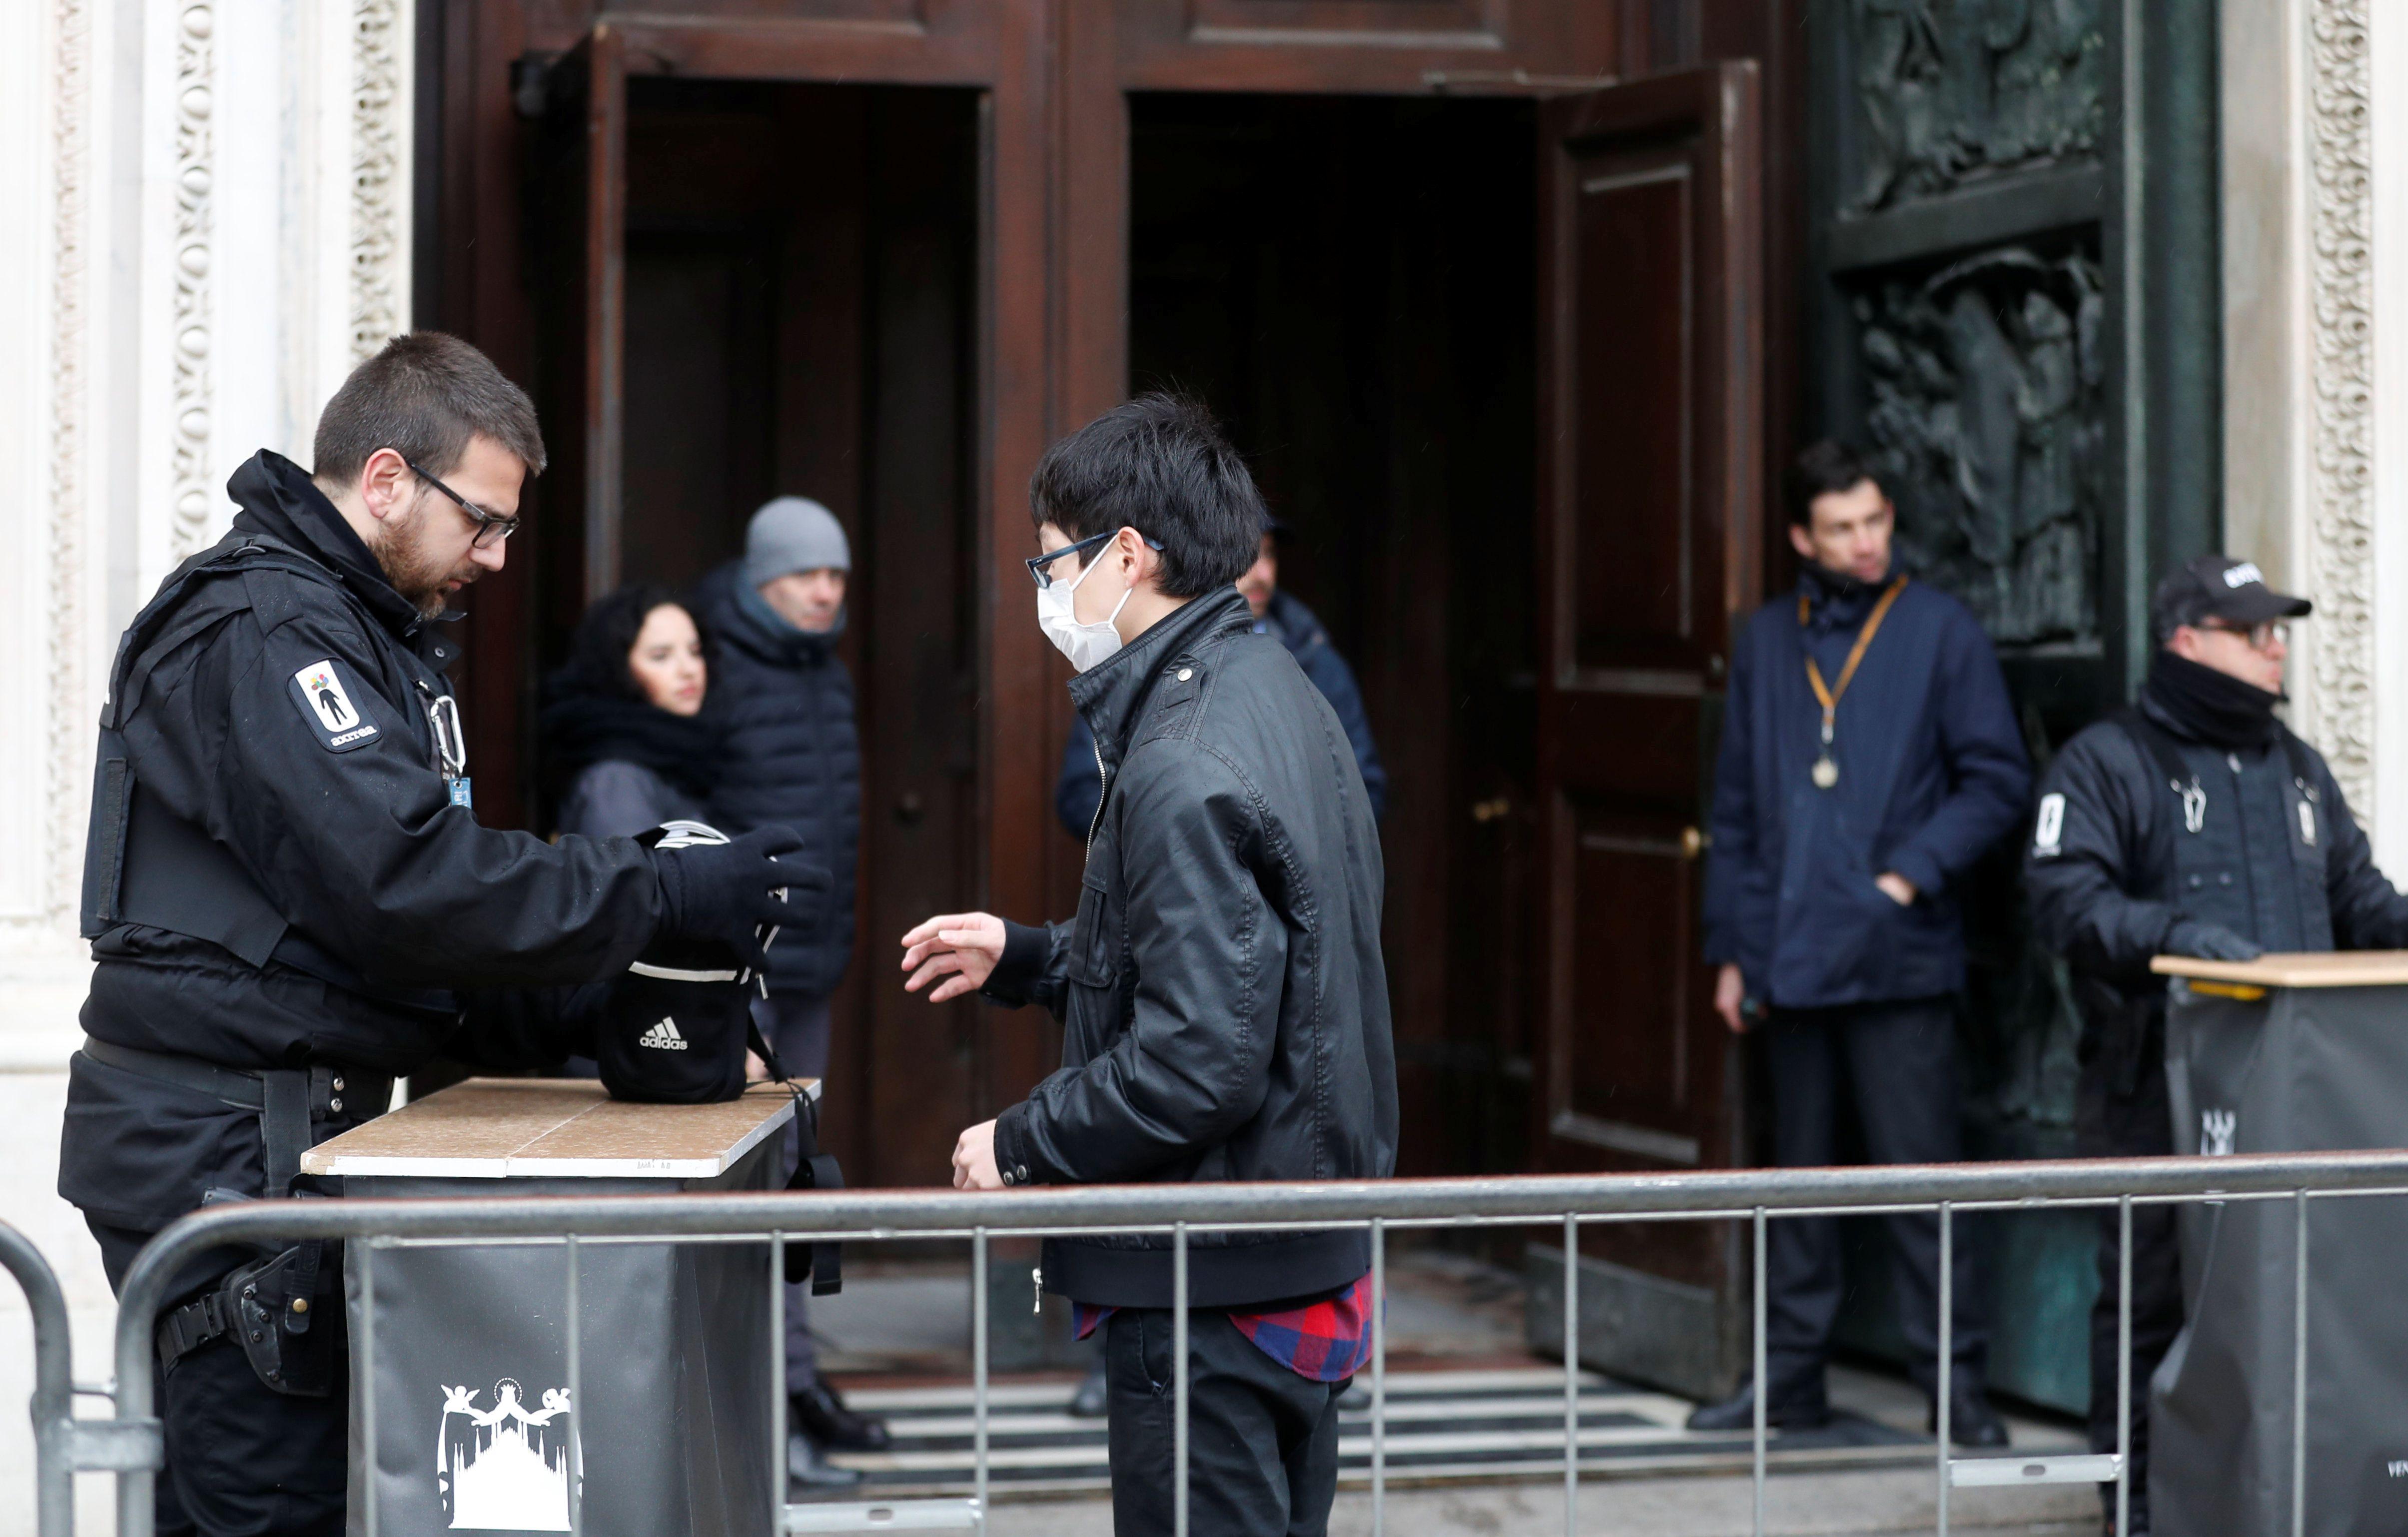 La reapertura de la famosa catedral en Milán (Reuters)